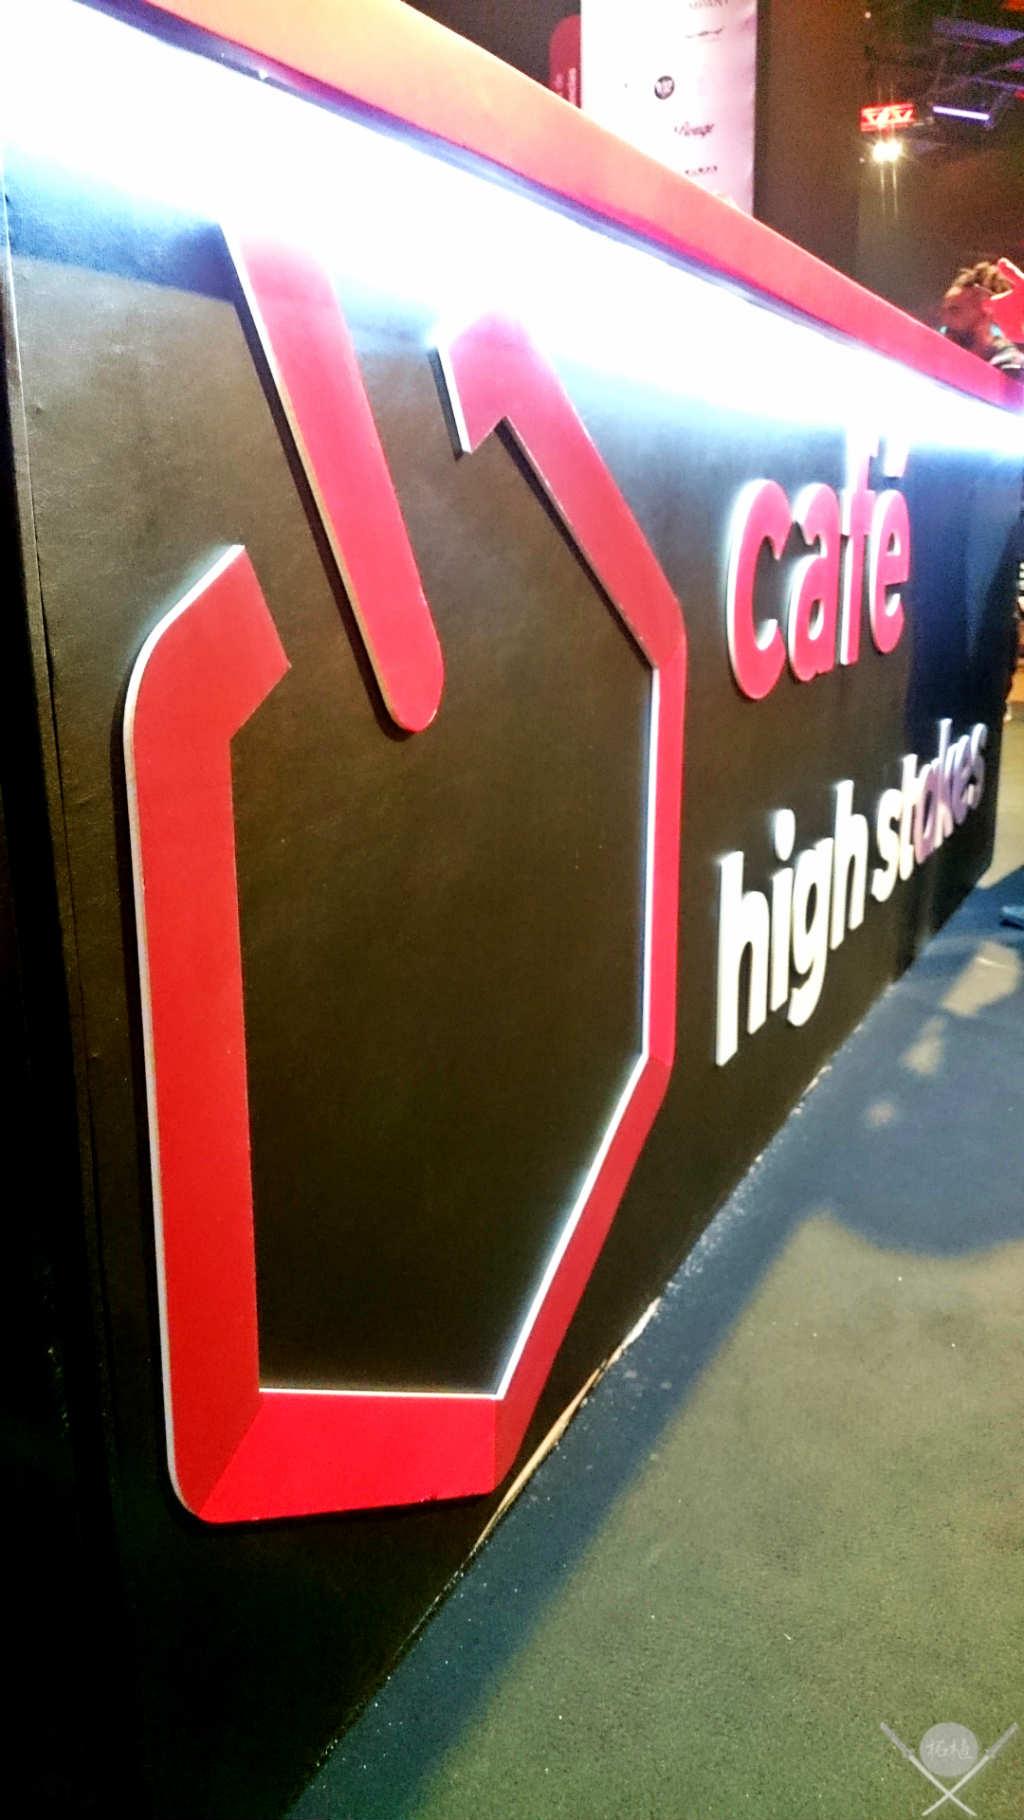 High Stakes Experience - Café - Lifestyle - Sacada Samurai - Vida de Tsuge - VDT